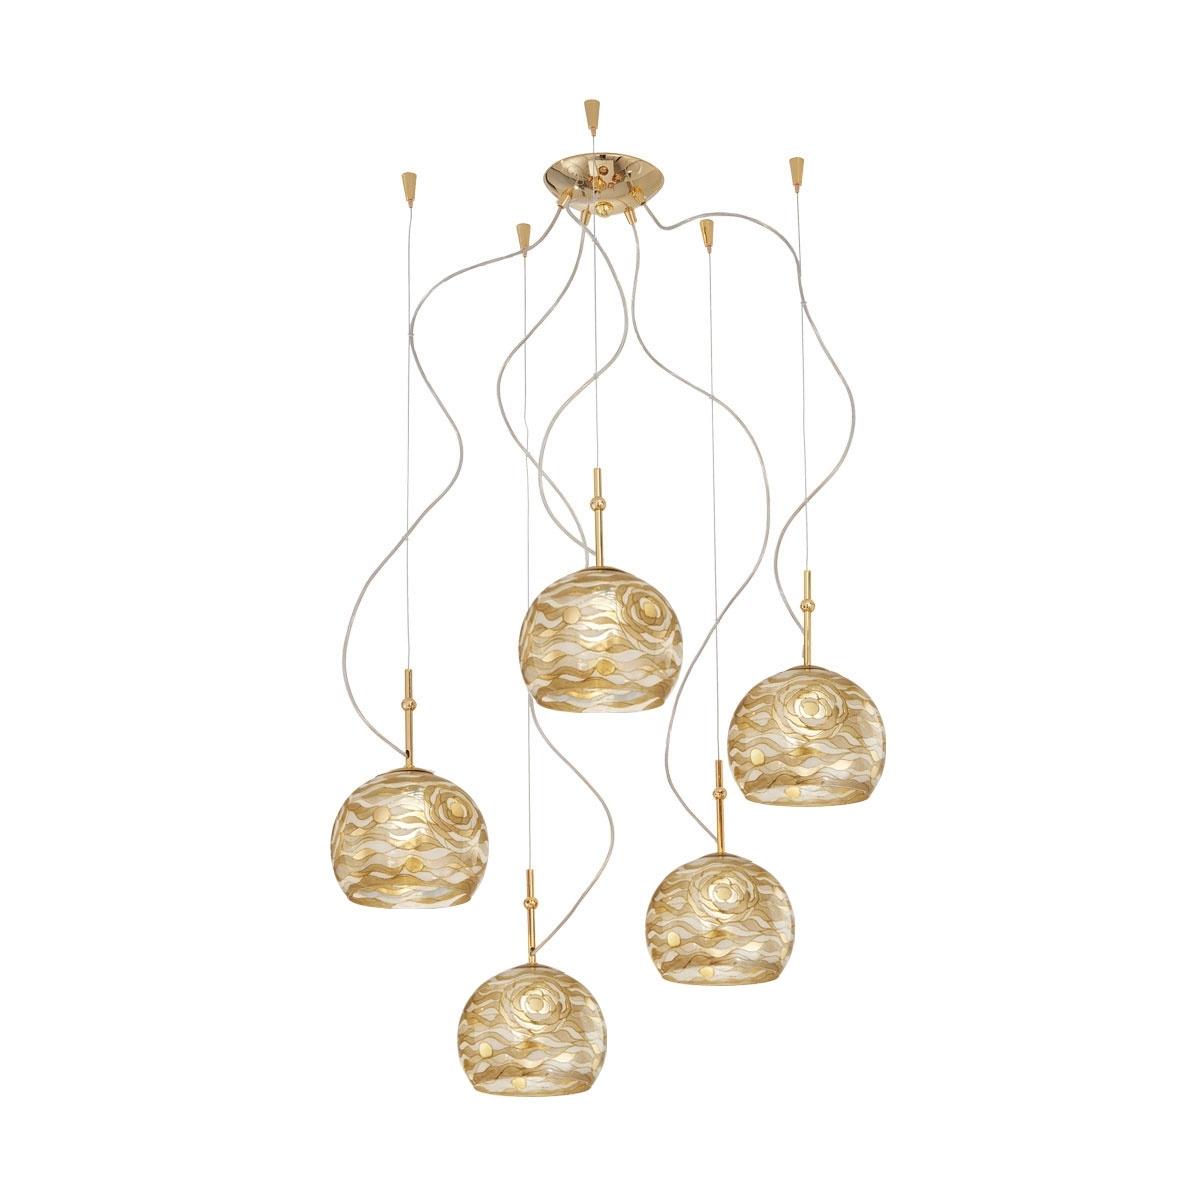 kolarz-pendelleuchte-luna-pl-beige-gold-glas-metall-0392-35-3-aq-ch